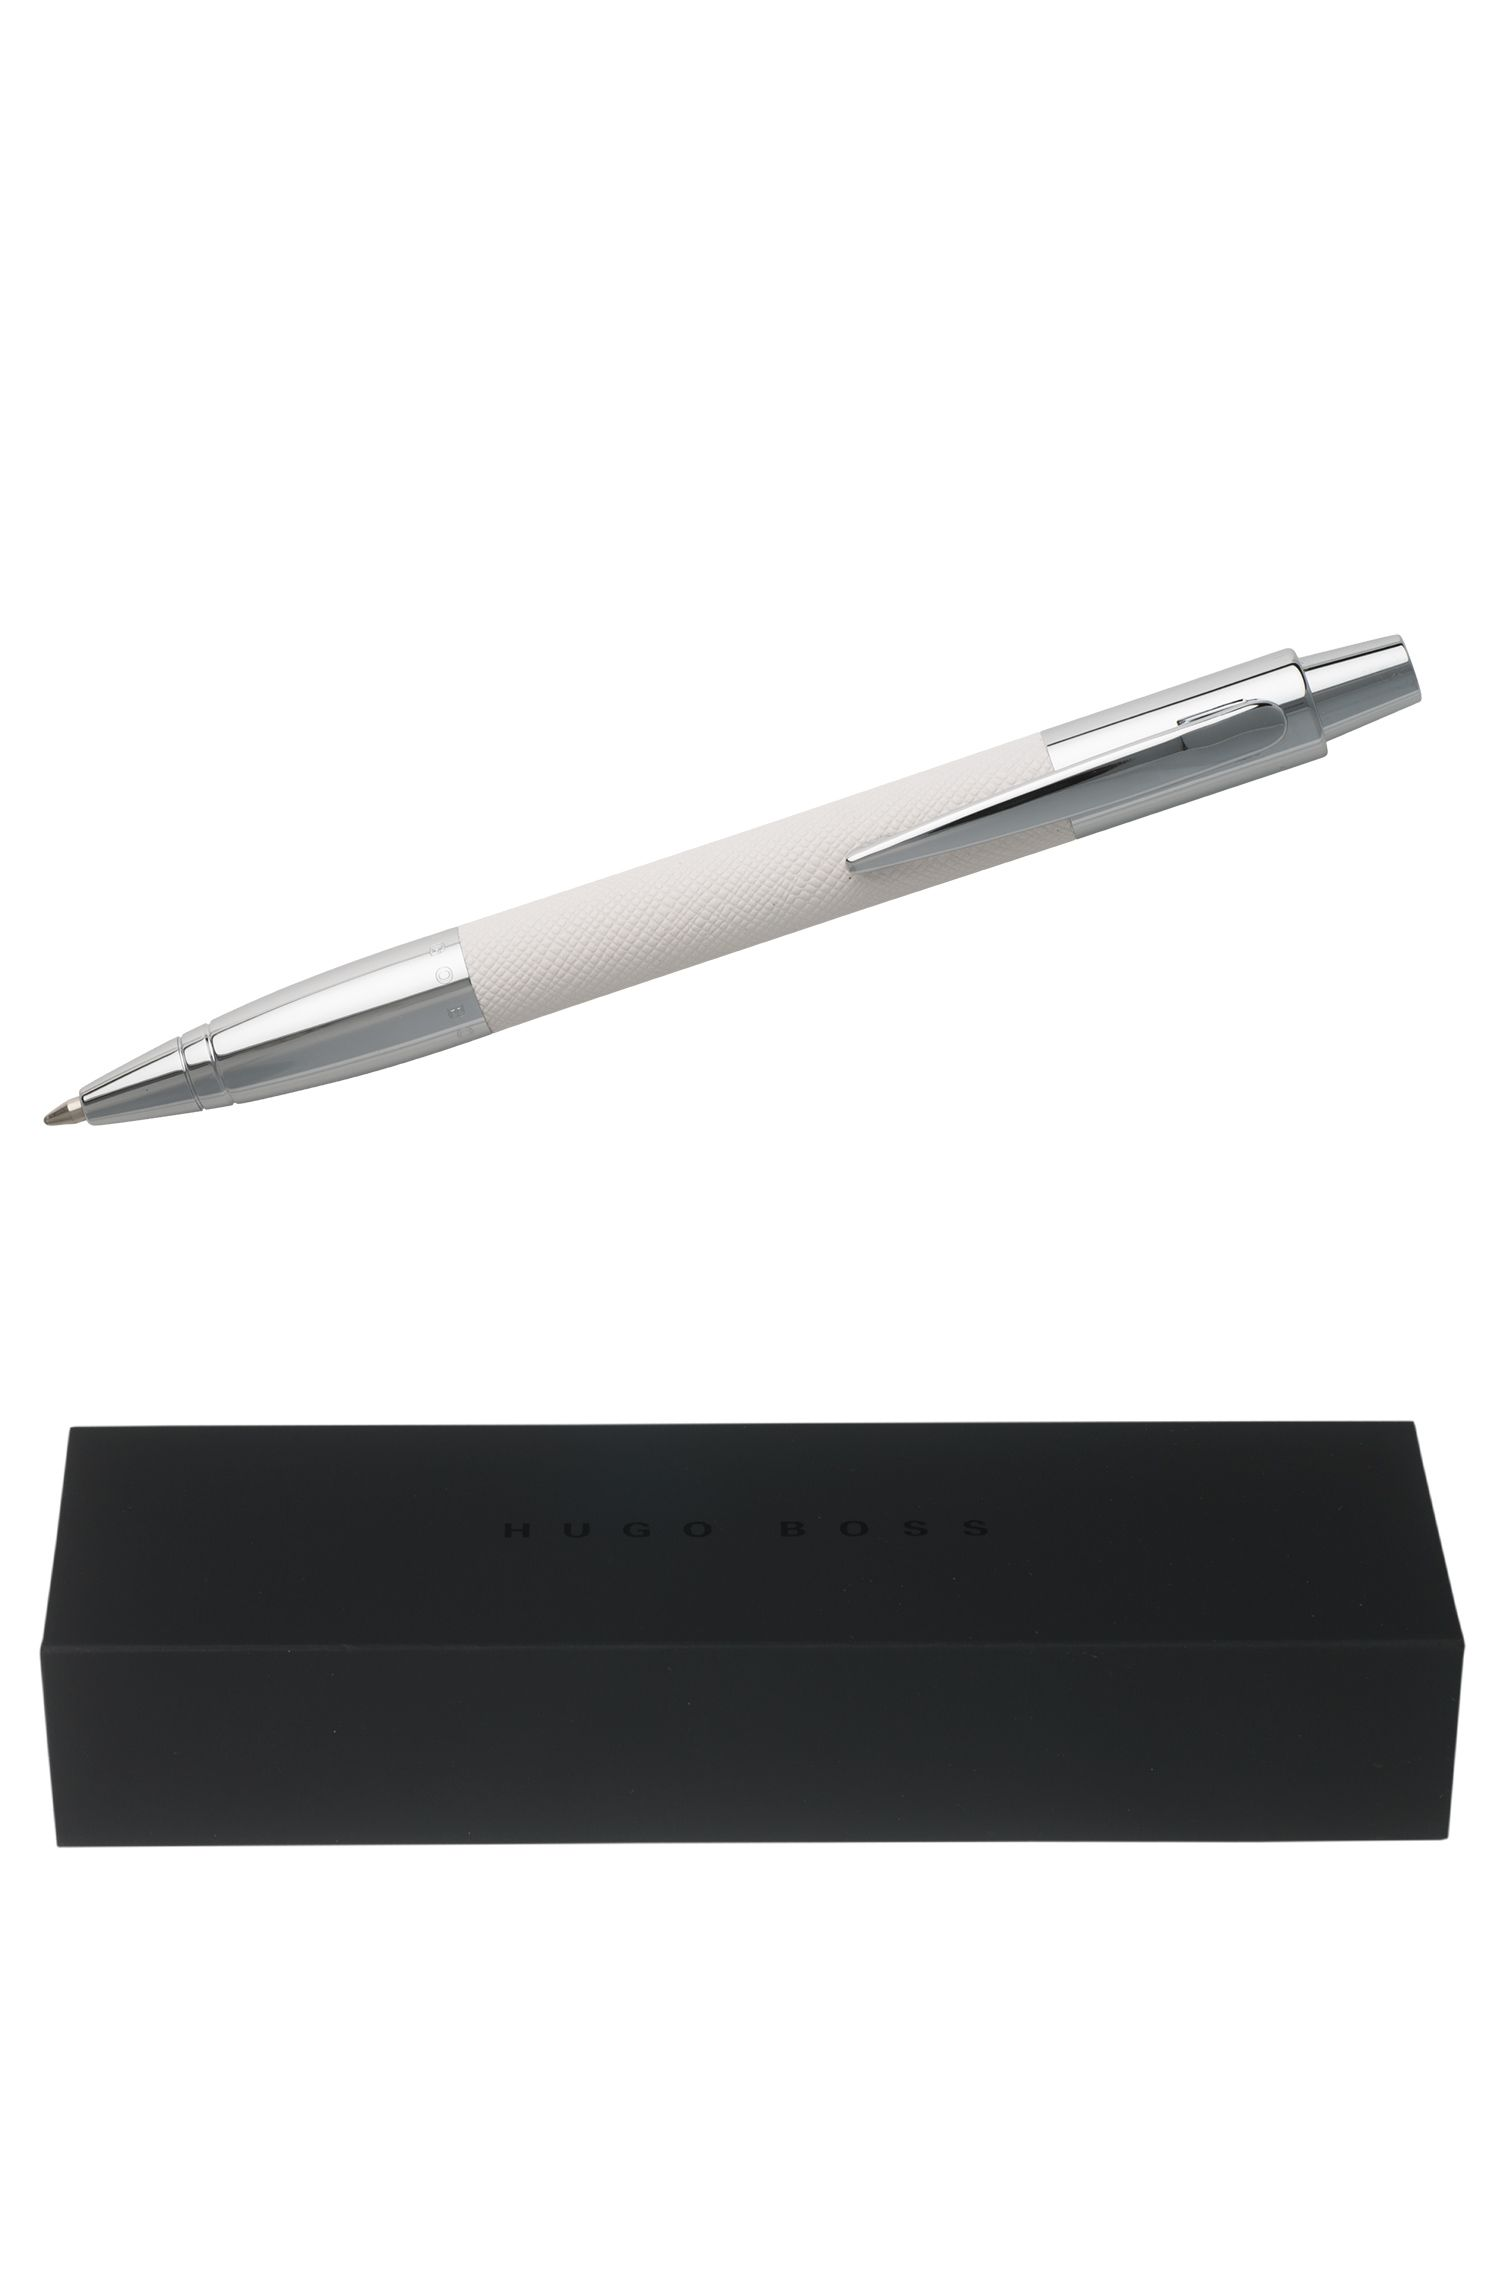 Kugelschreiber: 'Saffiano Cream'